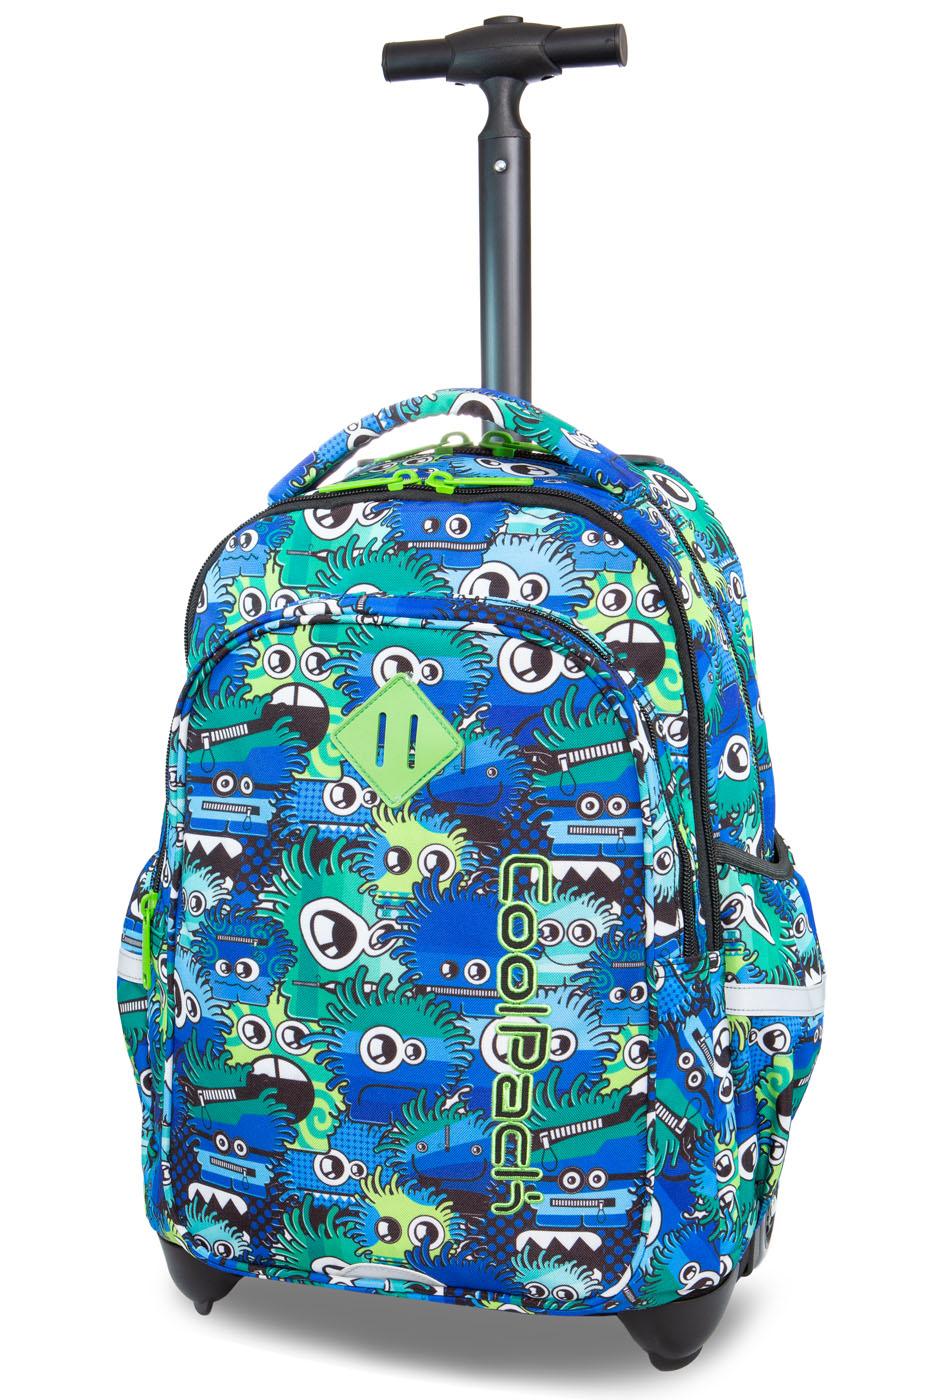 Coolpack   junior   rygsæk med hjul   wiggly eyes blue